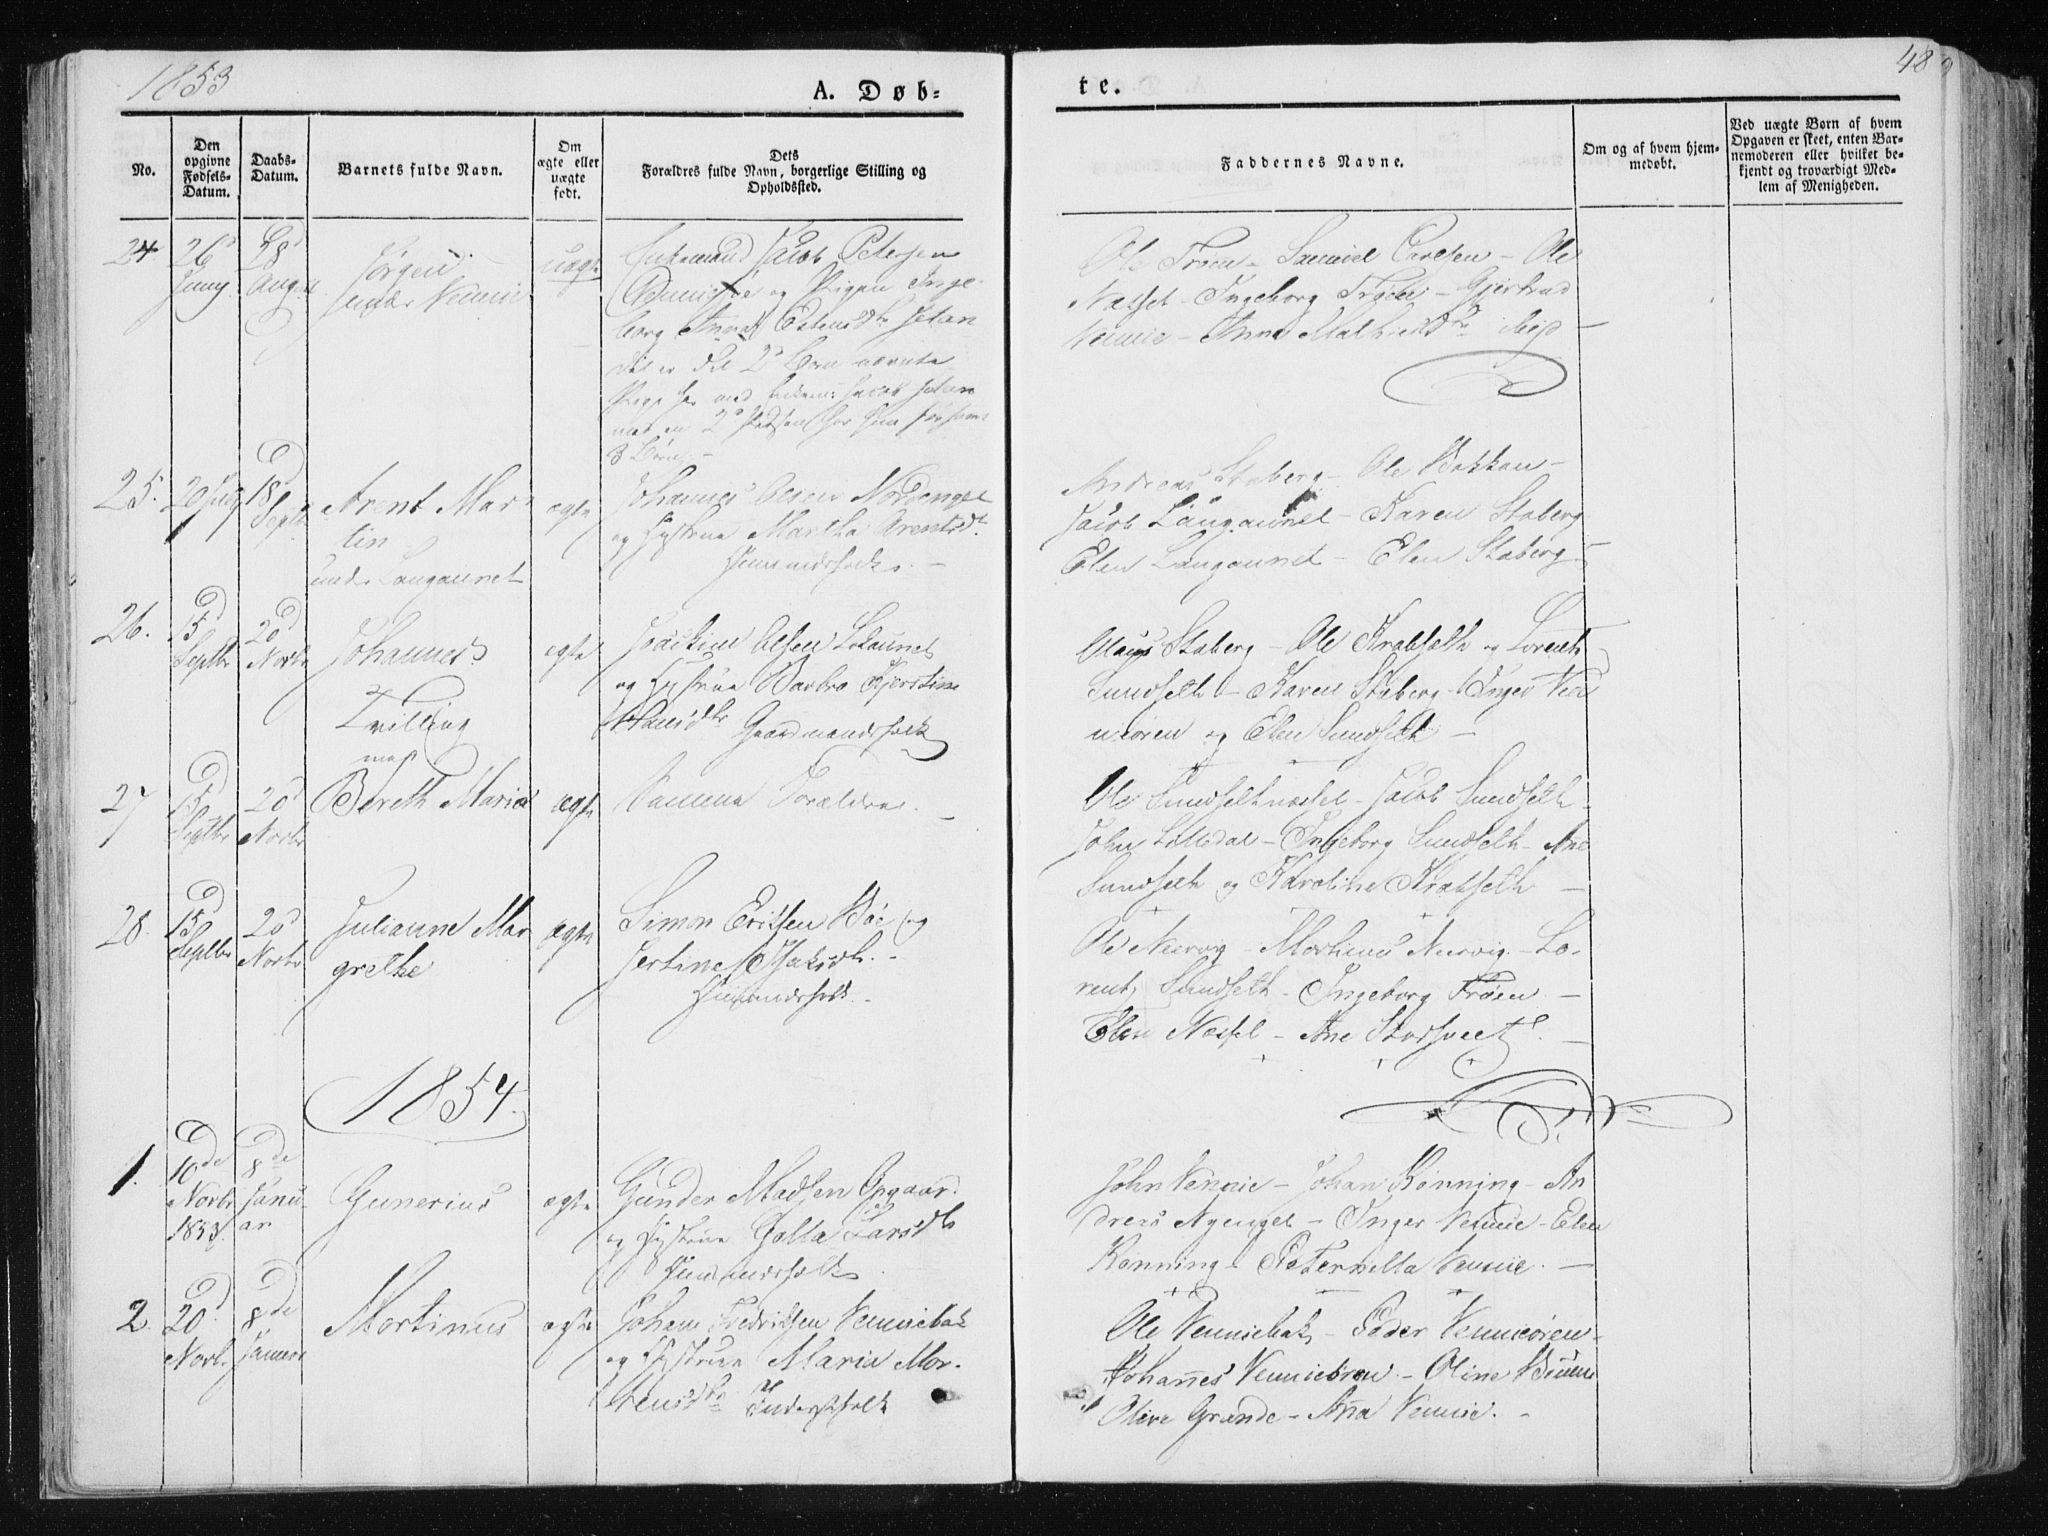 SAT, Ministerialprotokoller, klokkerbøker og fødselsregistre - Nord-Trøndelag, 733/L0323: Ministerialbok nr. 733A02, 1843-1870, s. 48